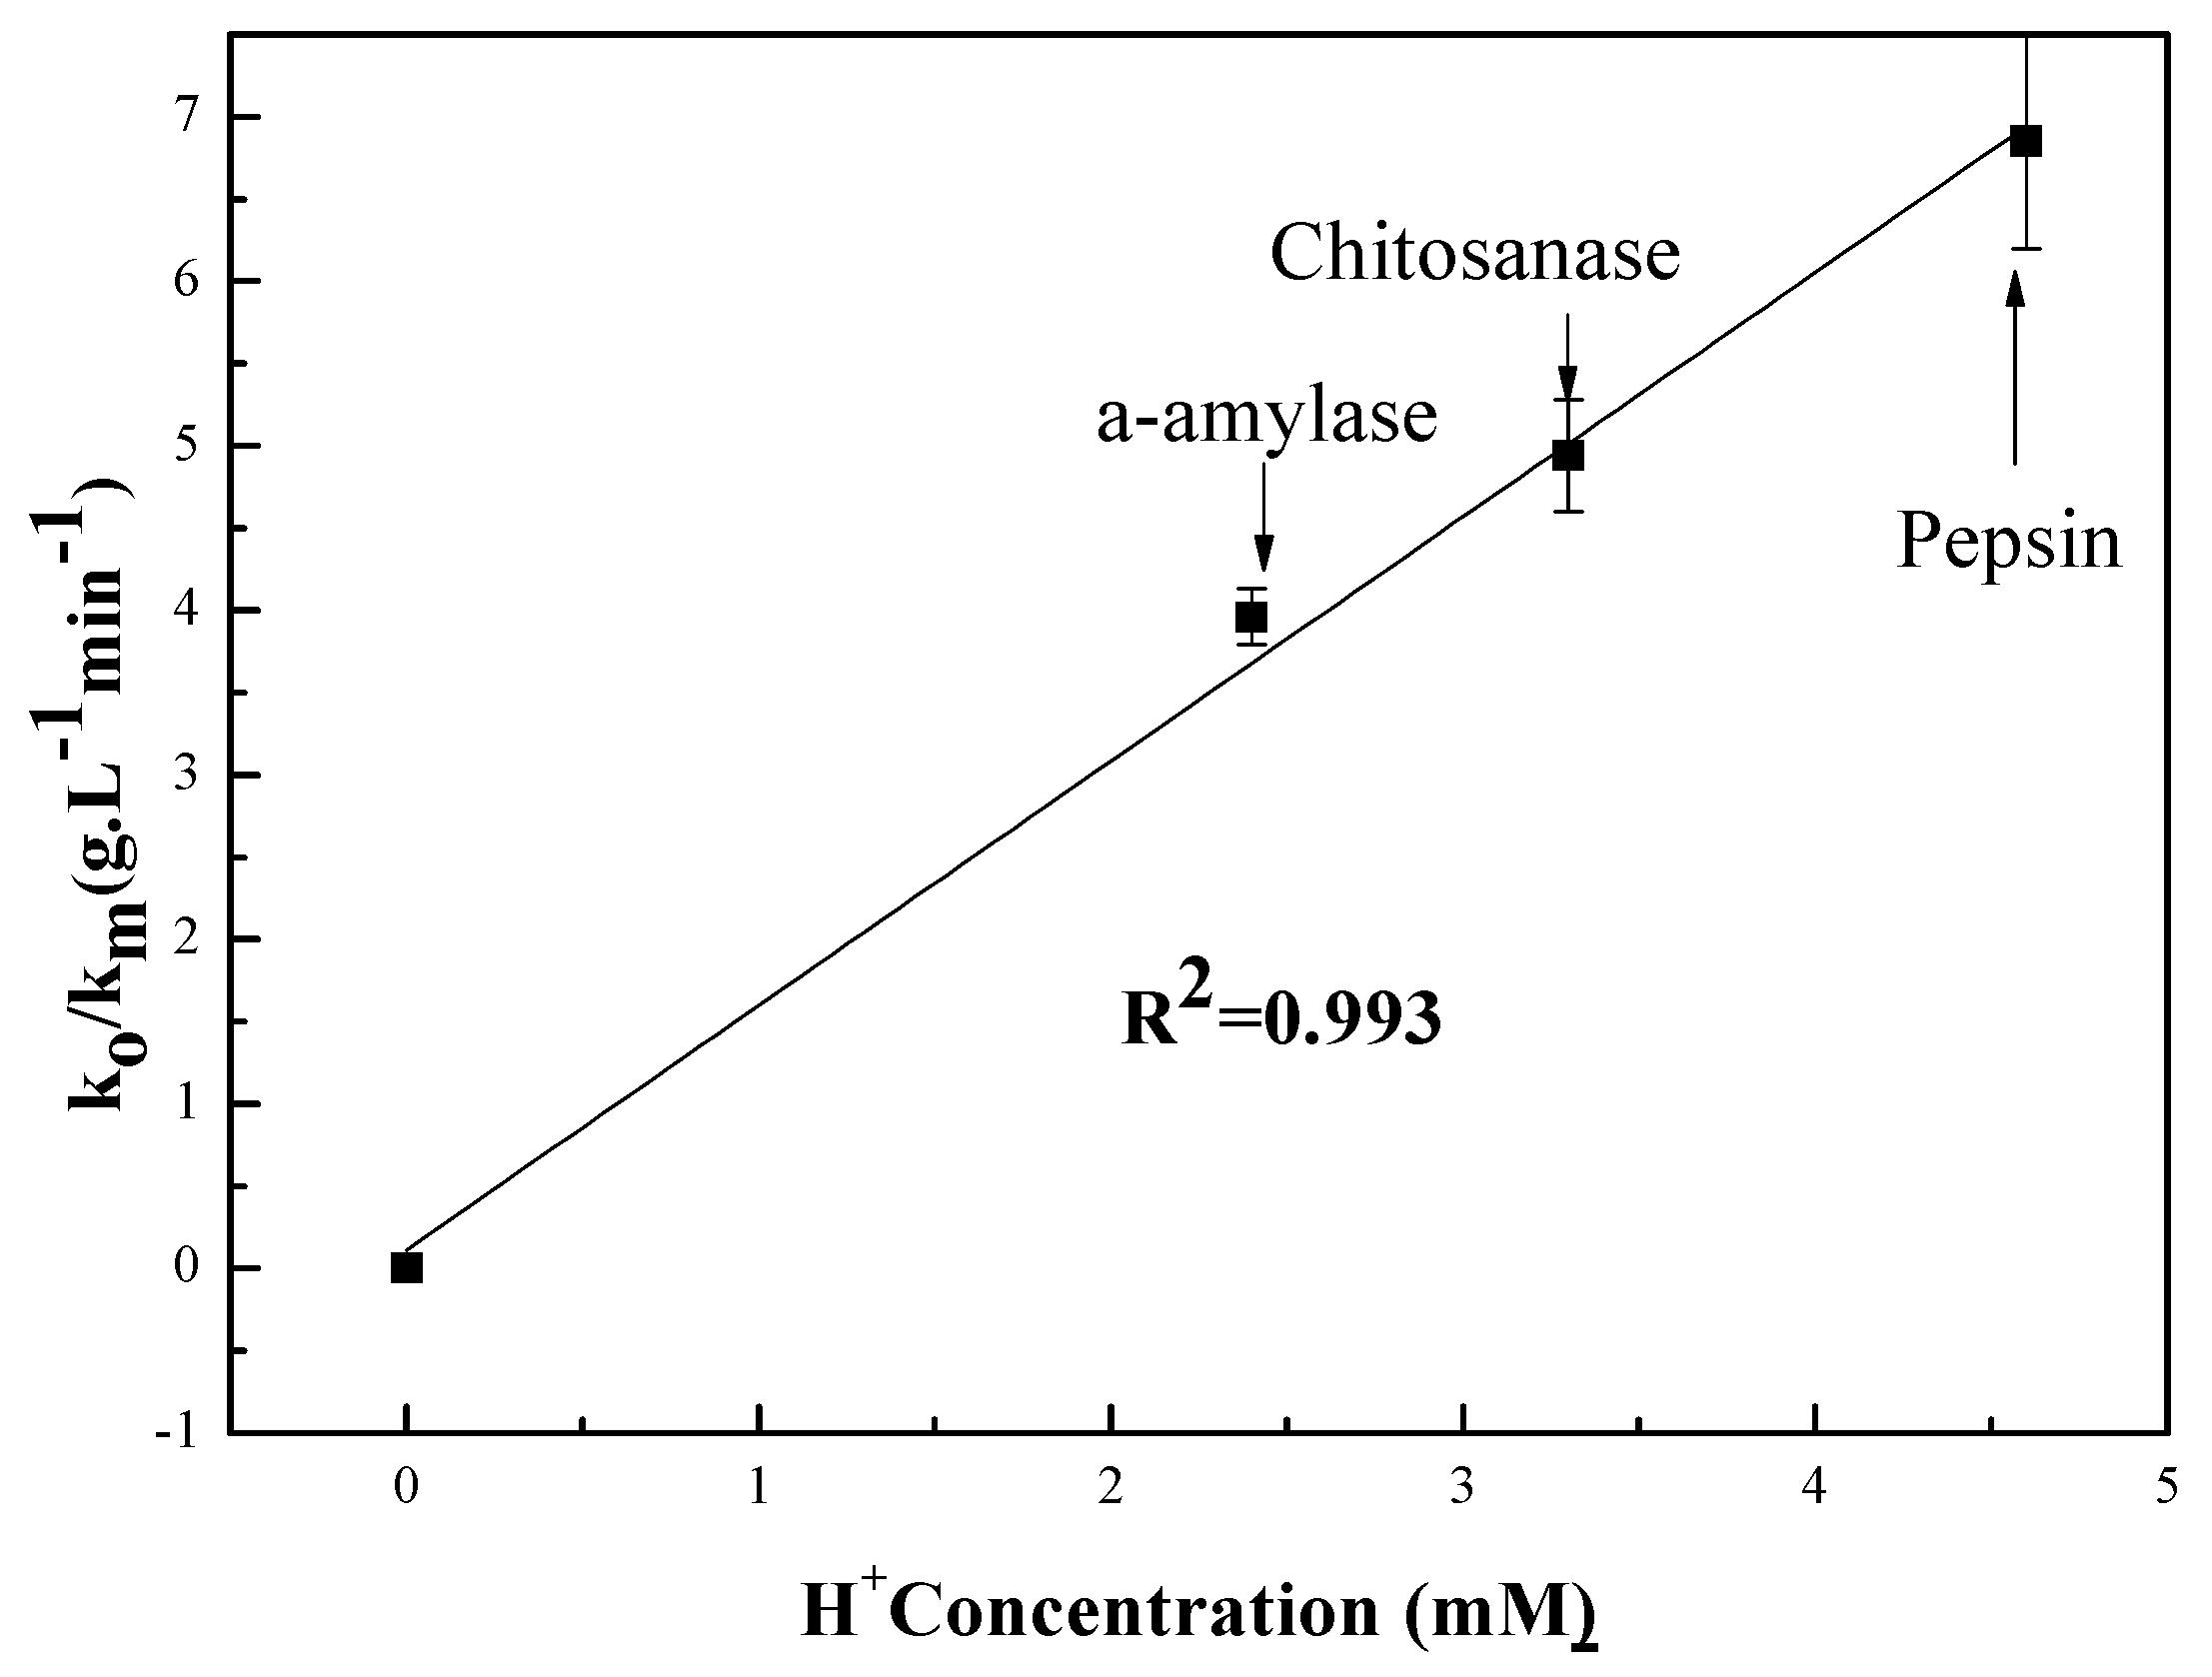 pepsin diagram